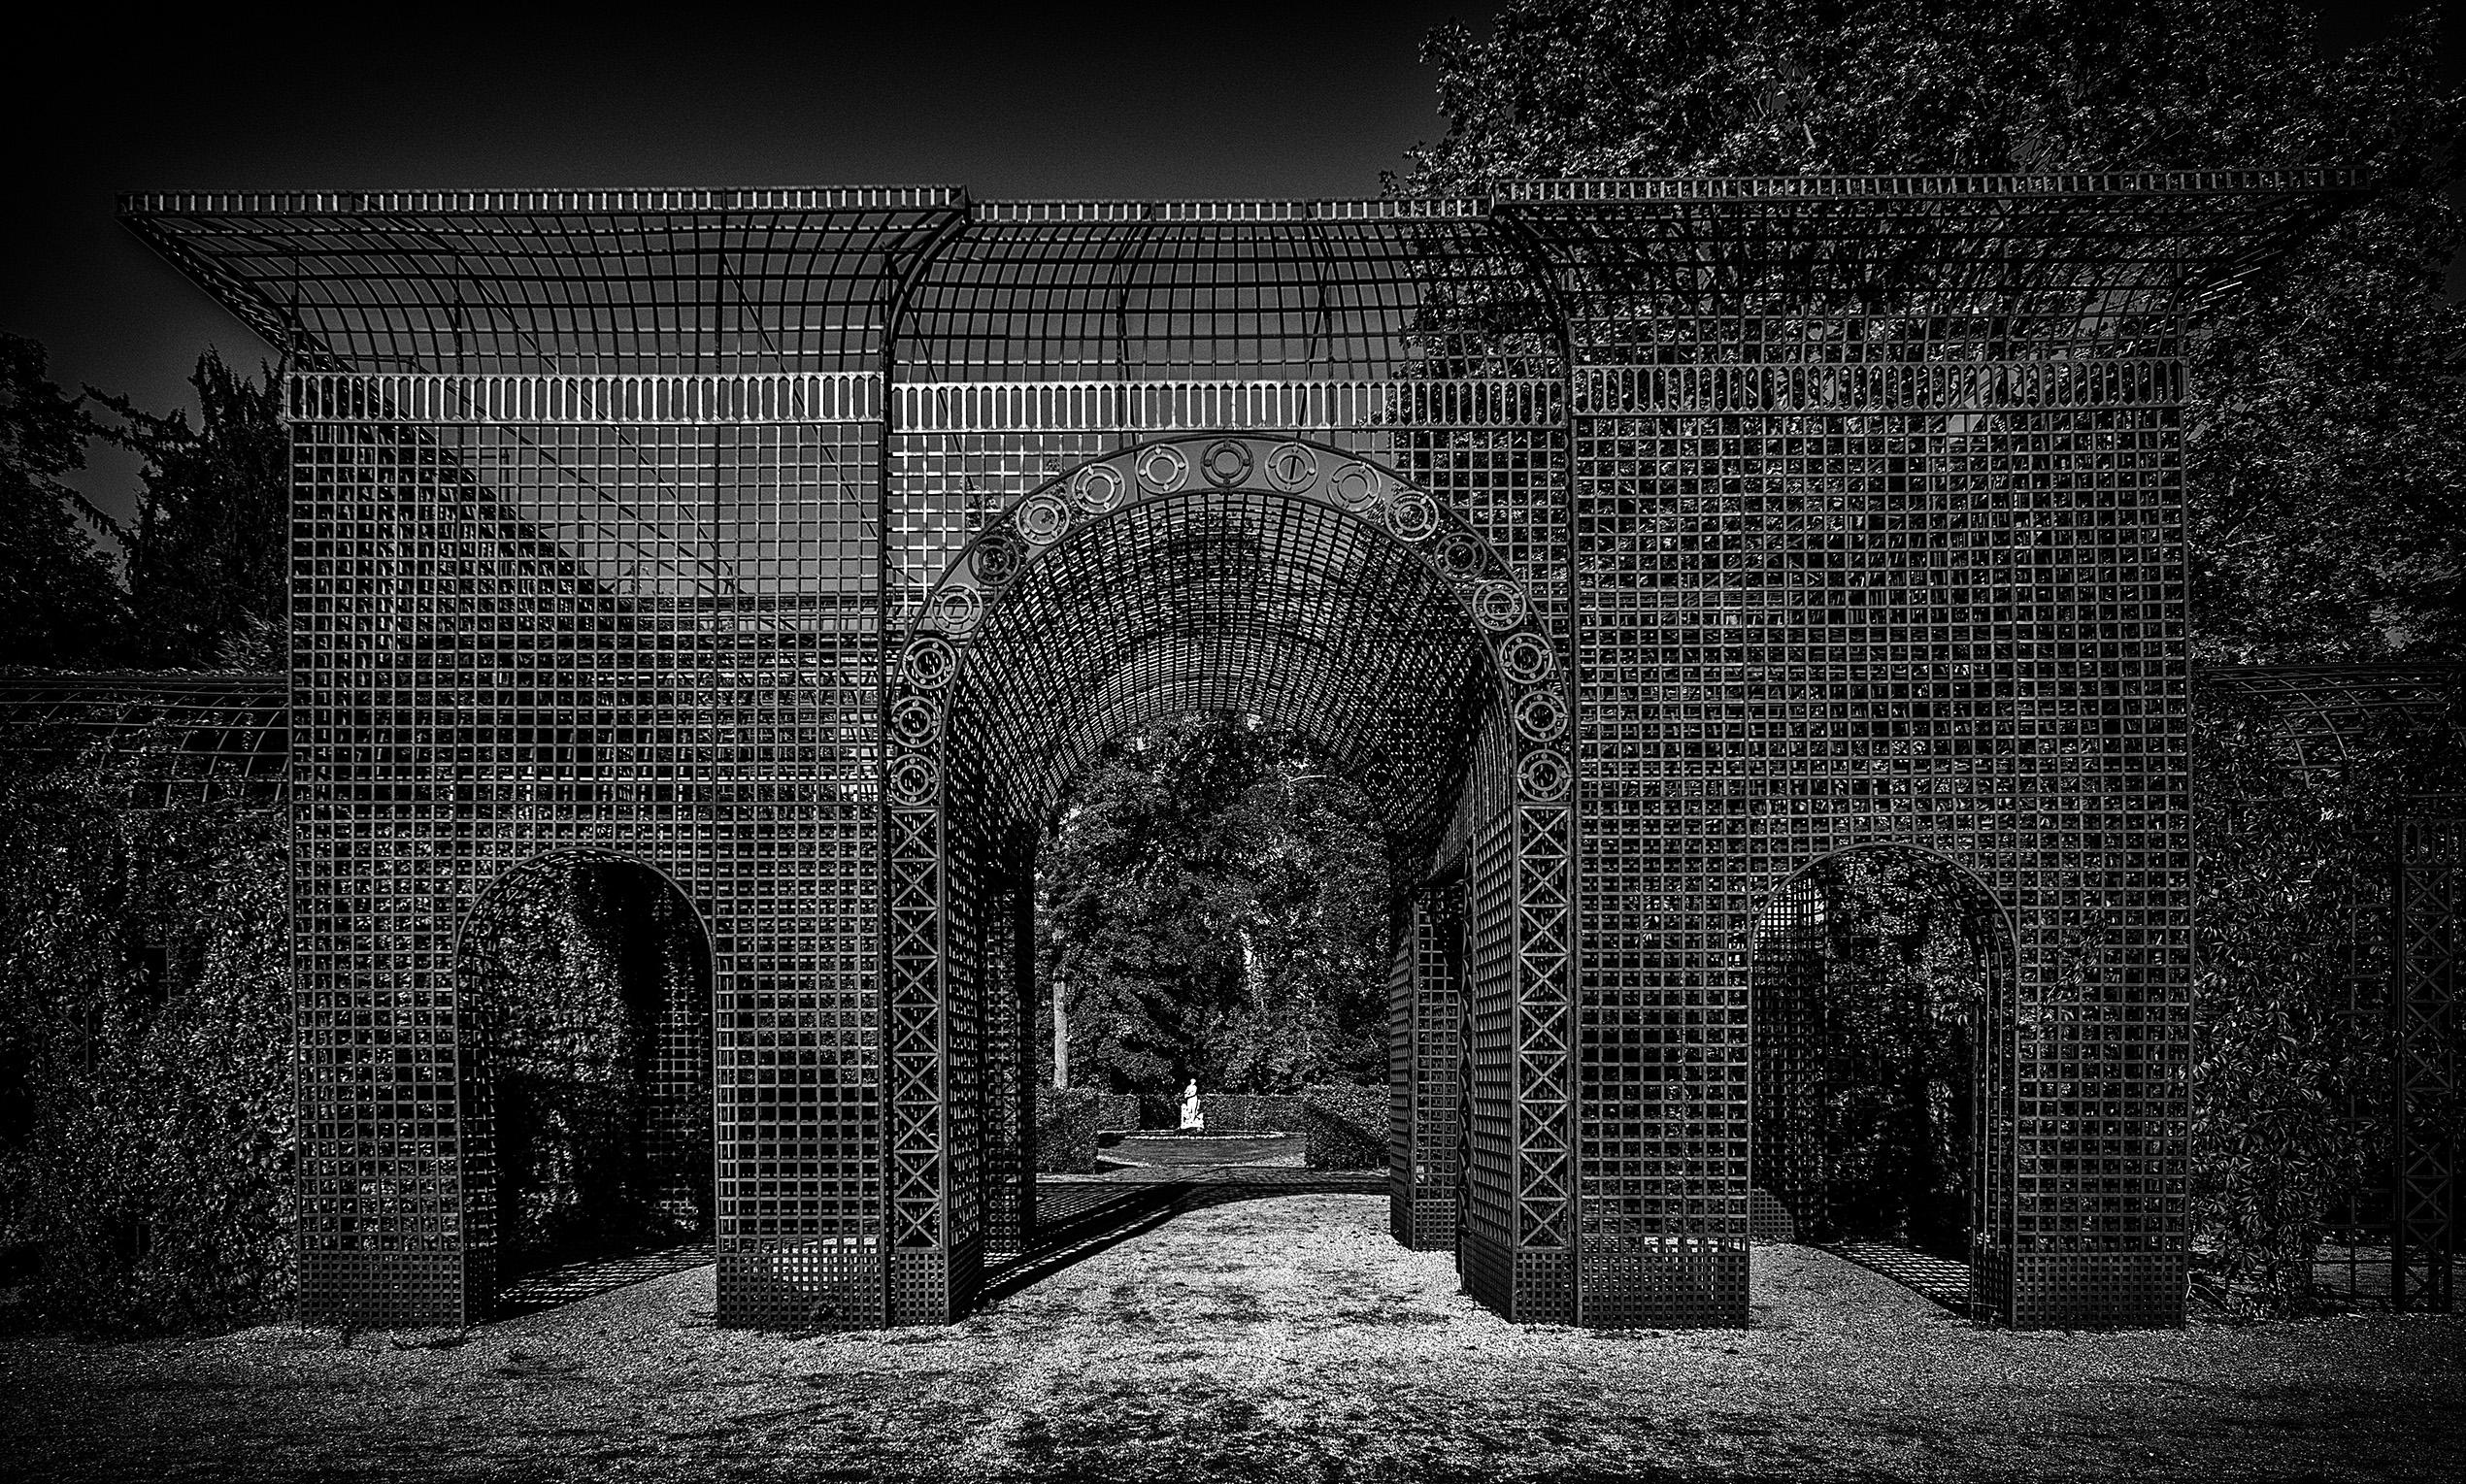 2016-10-05-schwetzingenschloss-l1006318 by Roger Schäfer.